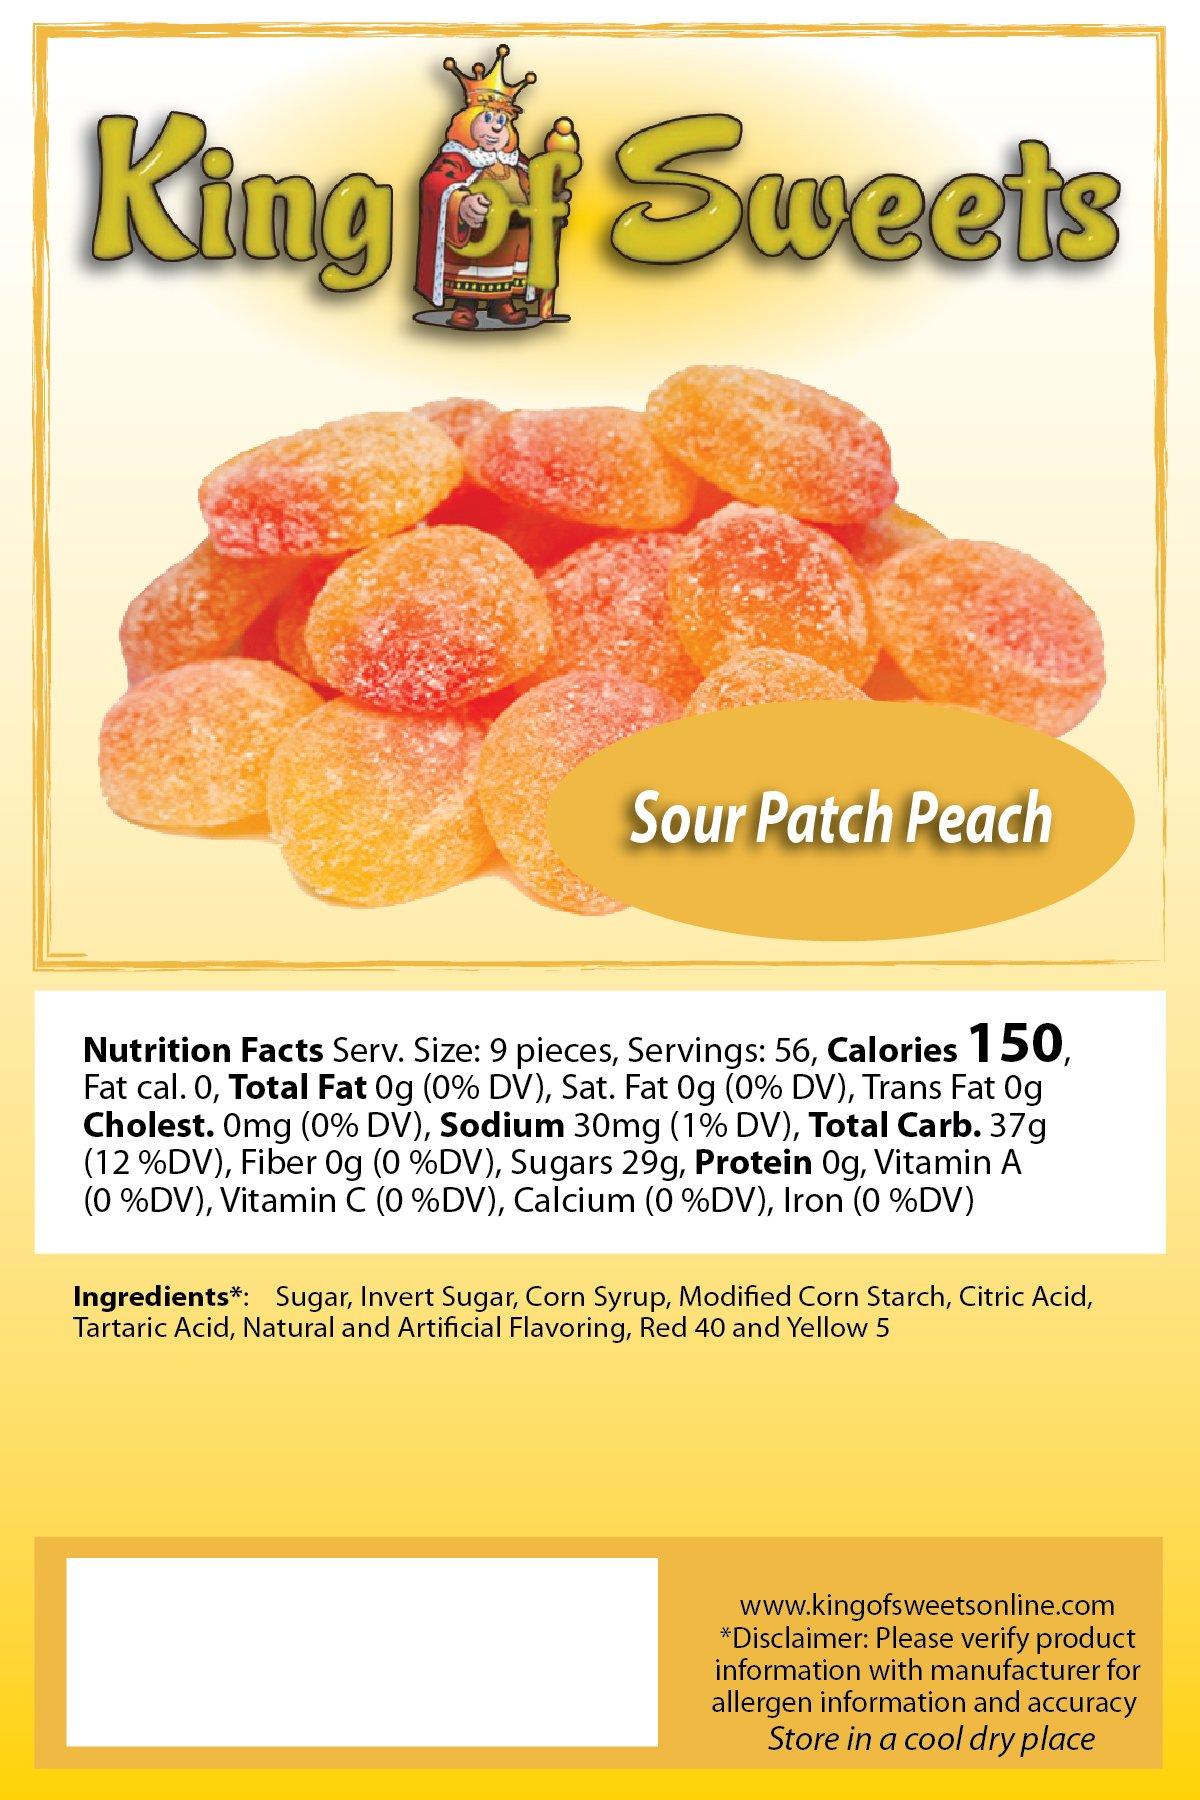 Sour Patch Peach (3 x 5lb bags)